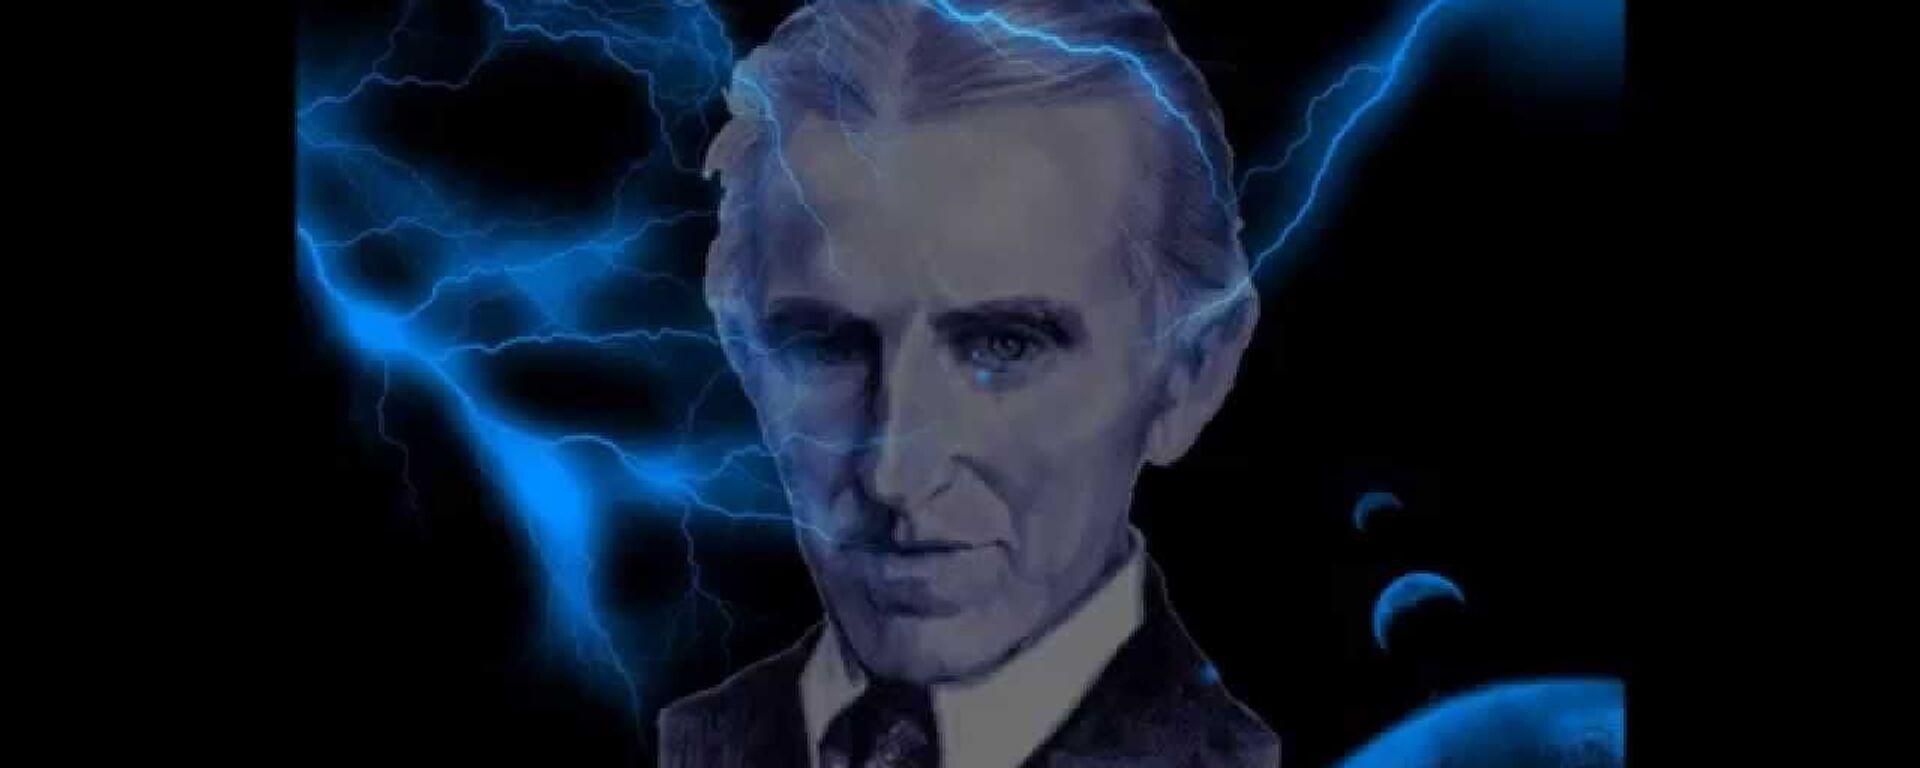 Nikola Tesla ilustracija - Sputnik Srbija, 1920, 29.11.2020